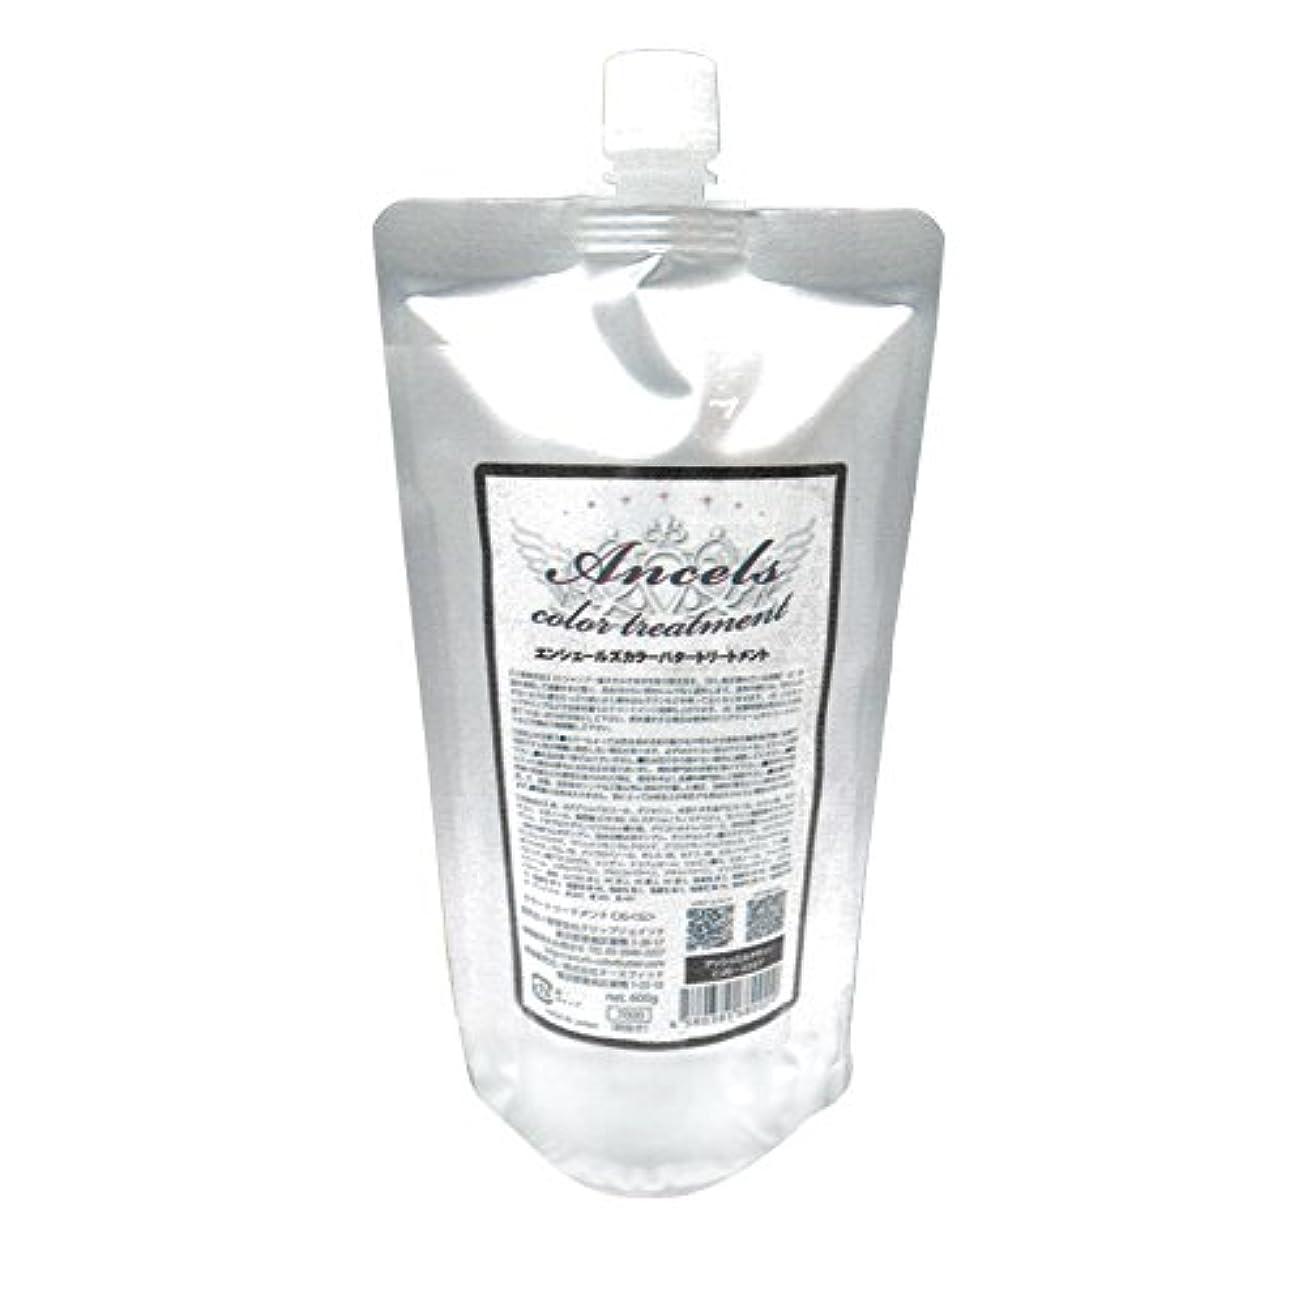 コーデリアガラスクリーク通常タイプ(200g)3個分!大容量600g エンシェールズ カラートリートメント【カラーバター】 925シルバー